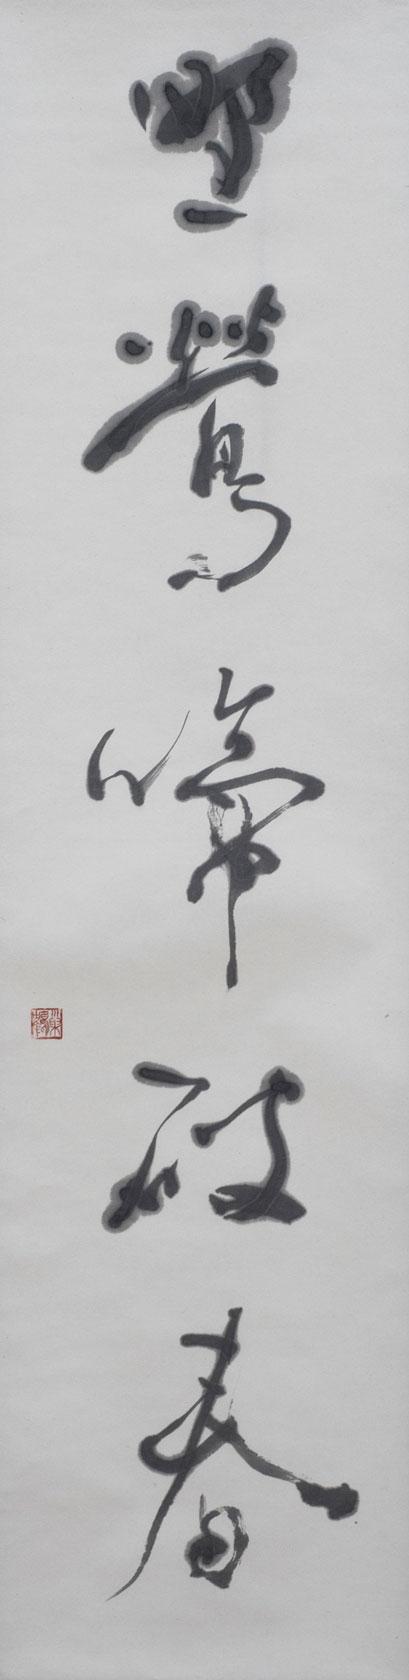 2017-jp-shodo-inspiration-504.jpg